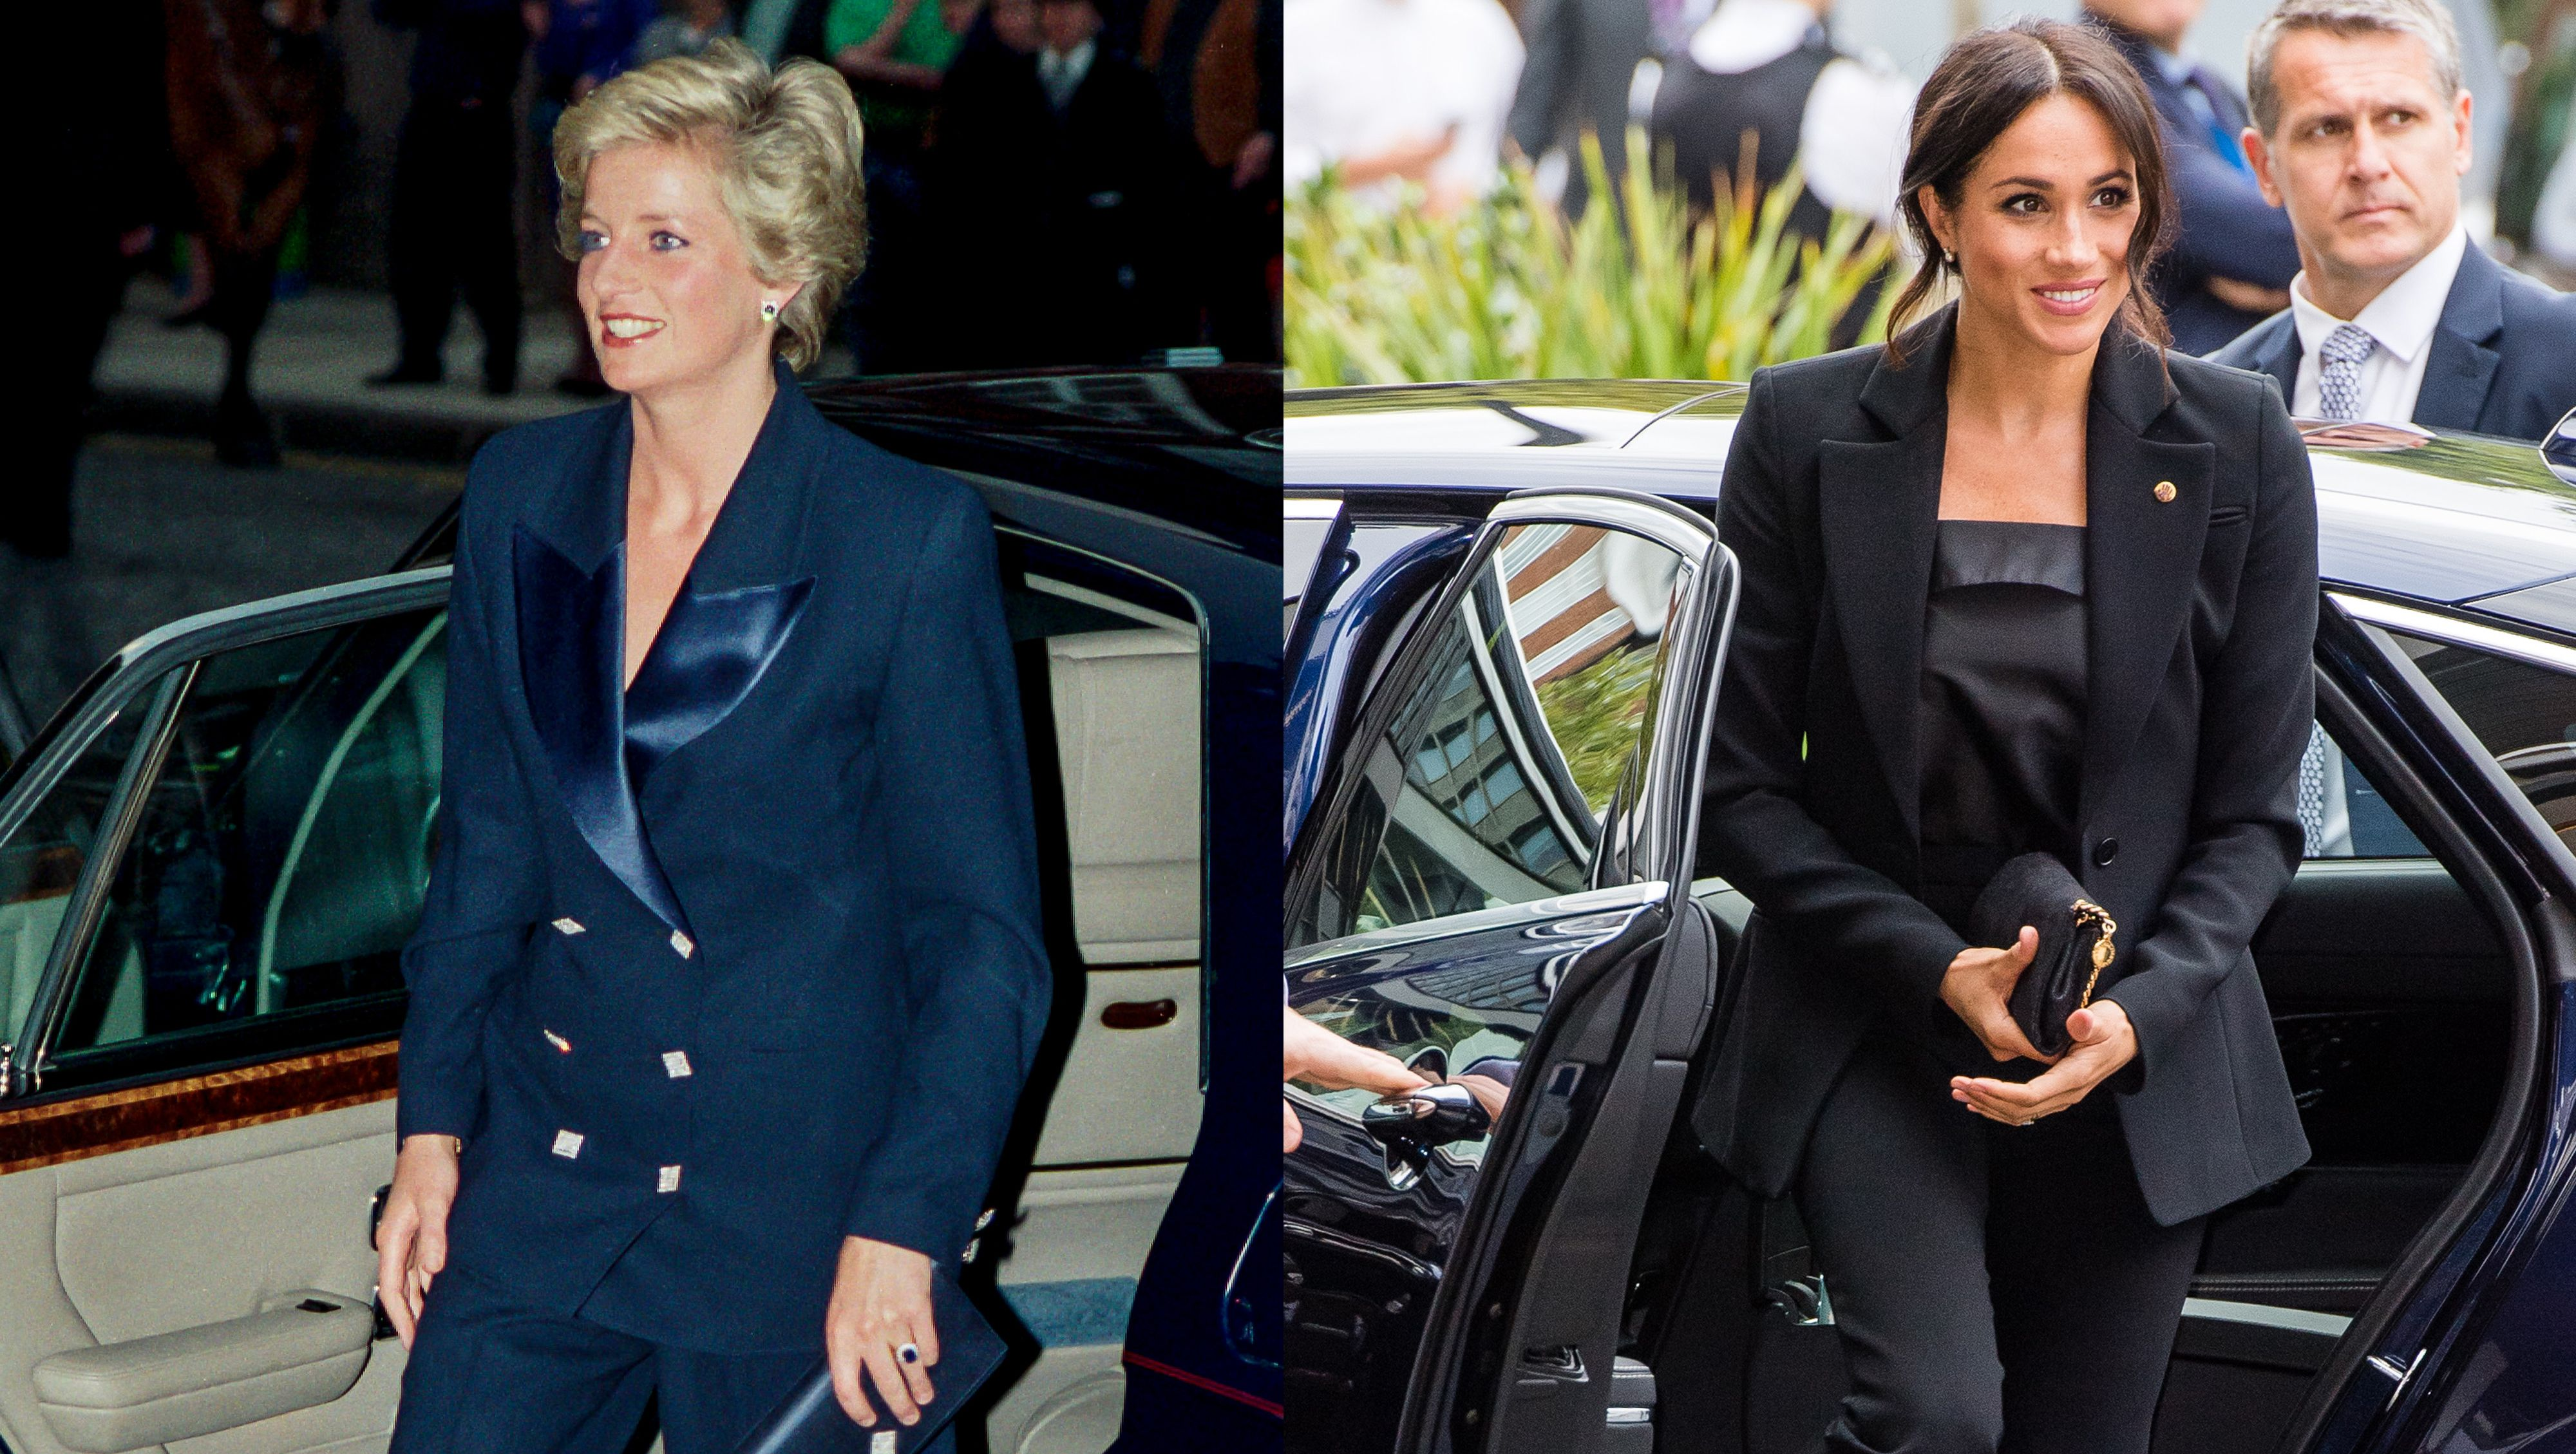 Princess Diana and Meghan Markle dressing alike